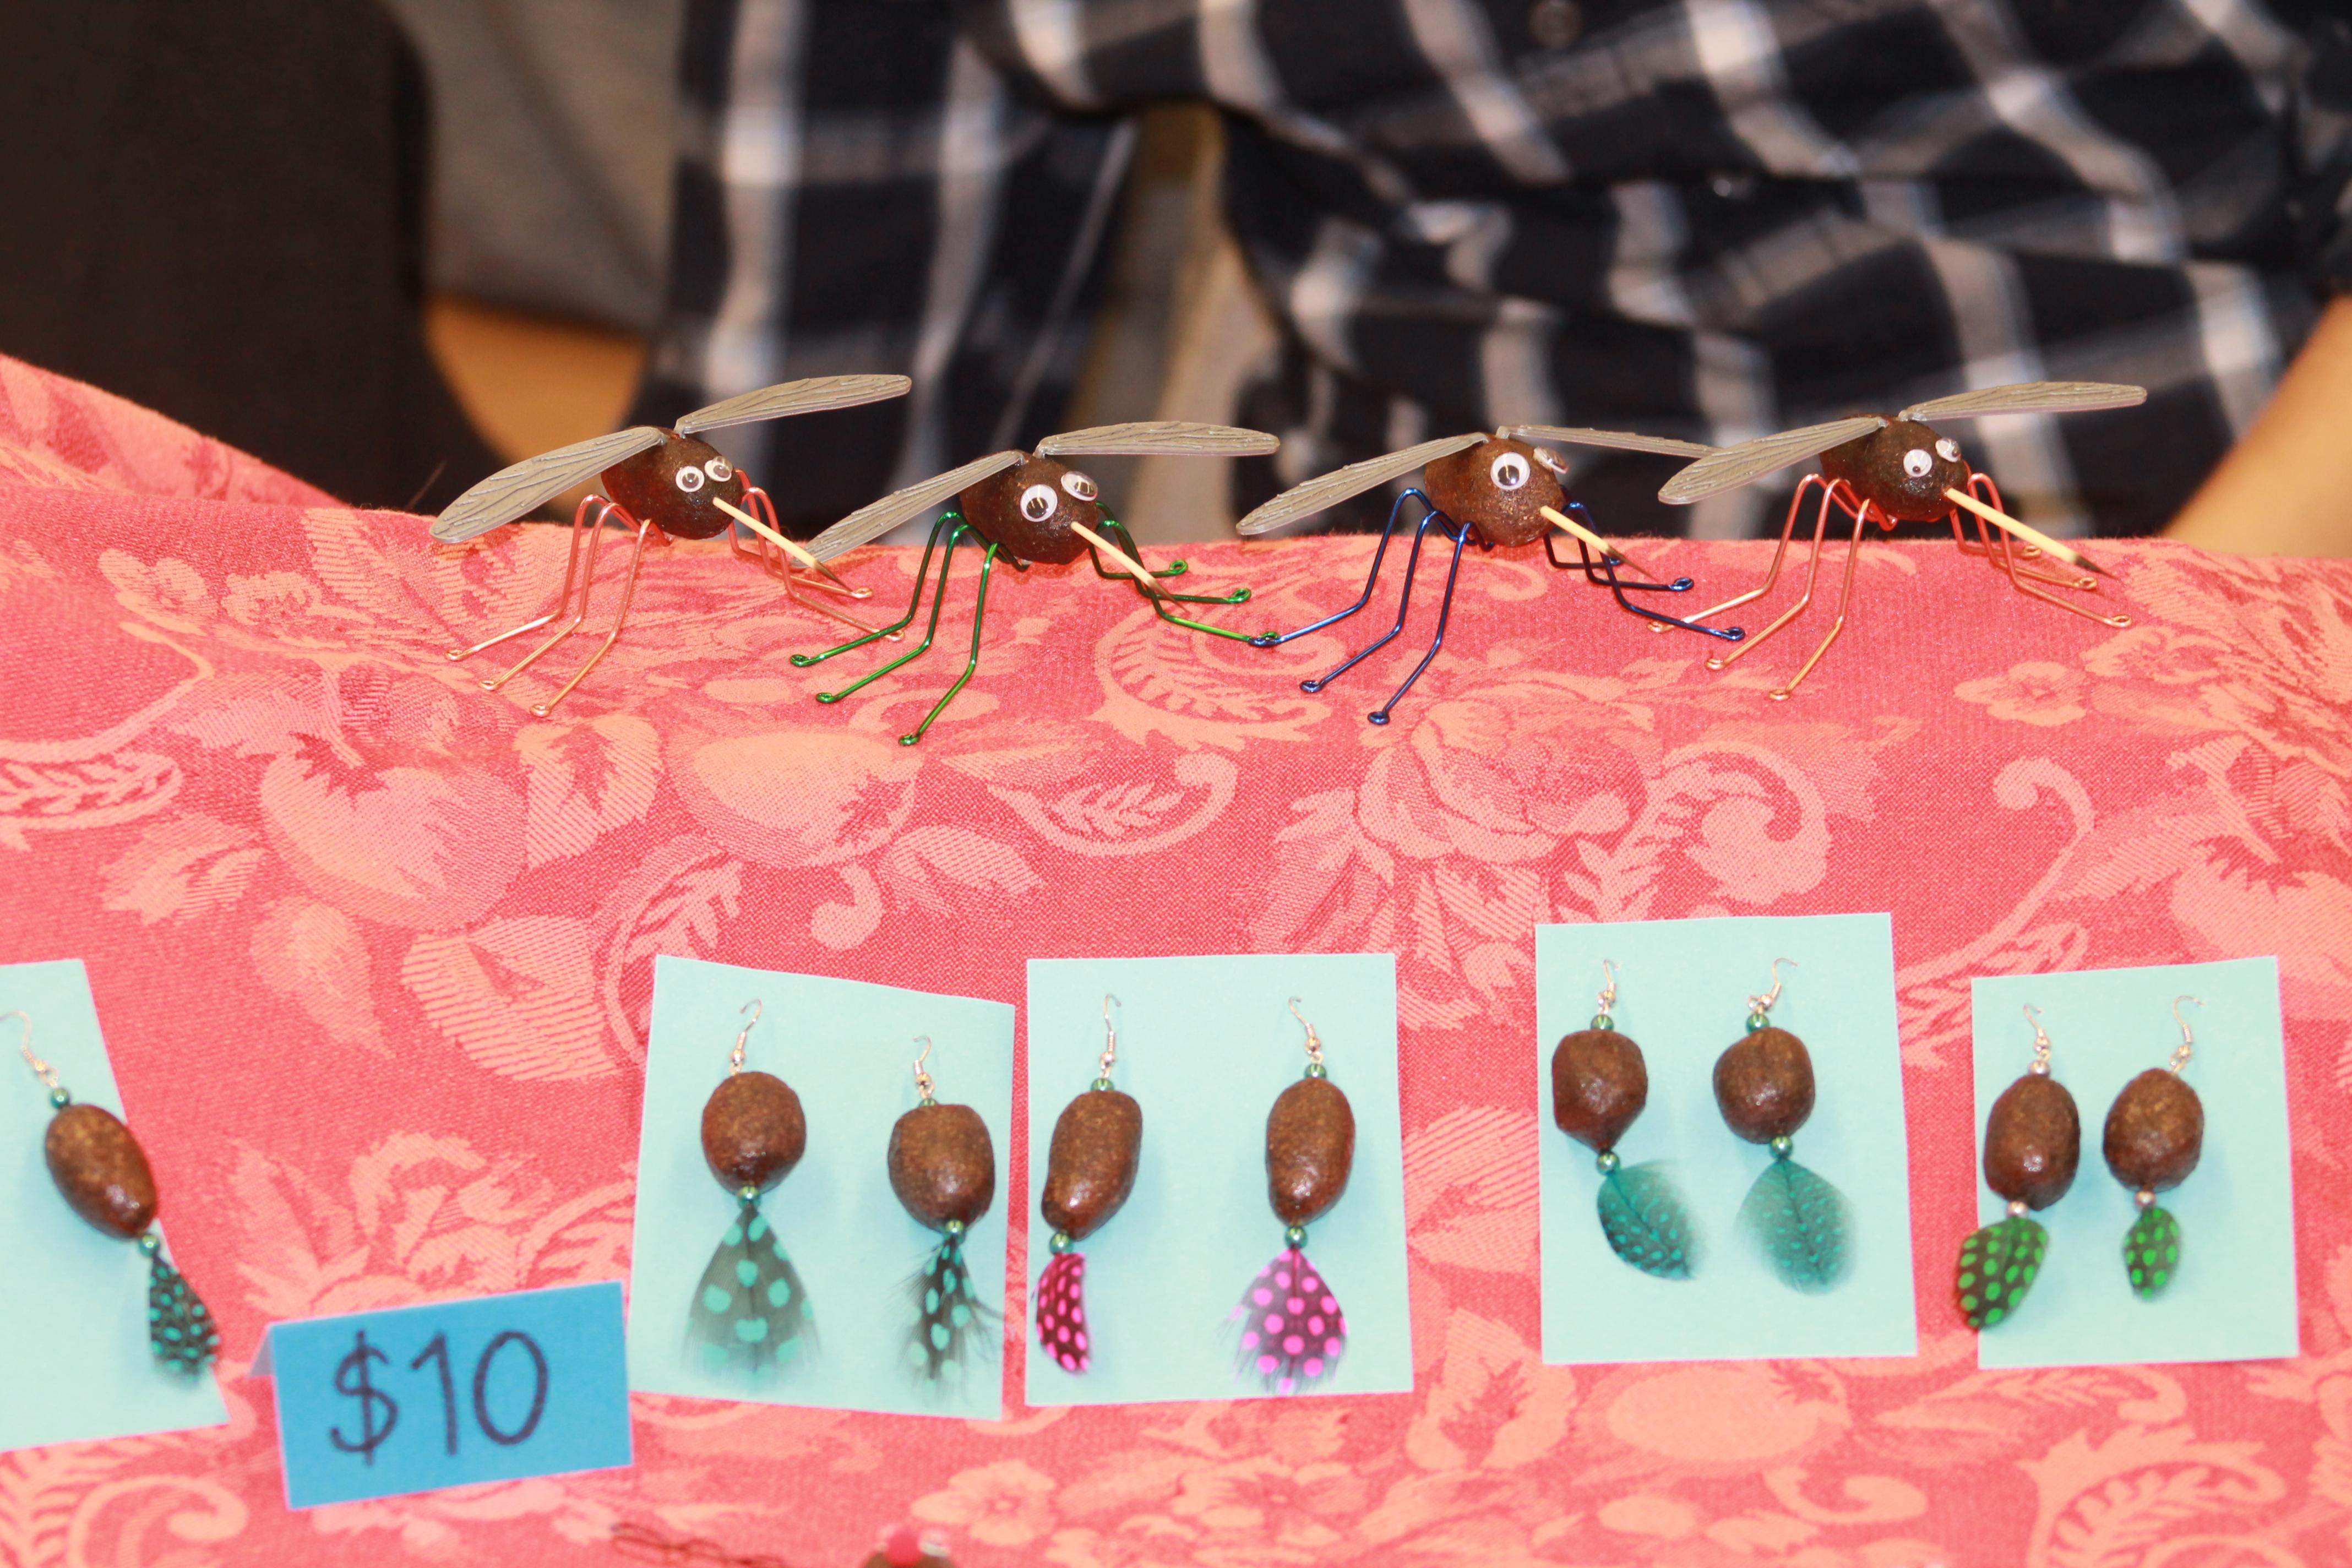 Moose Nugget earrings and Moosquitos